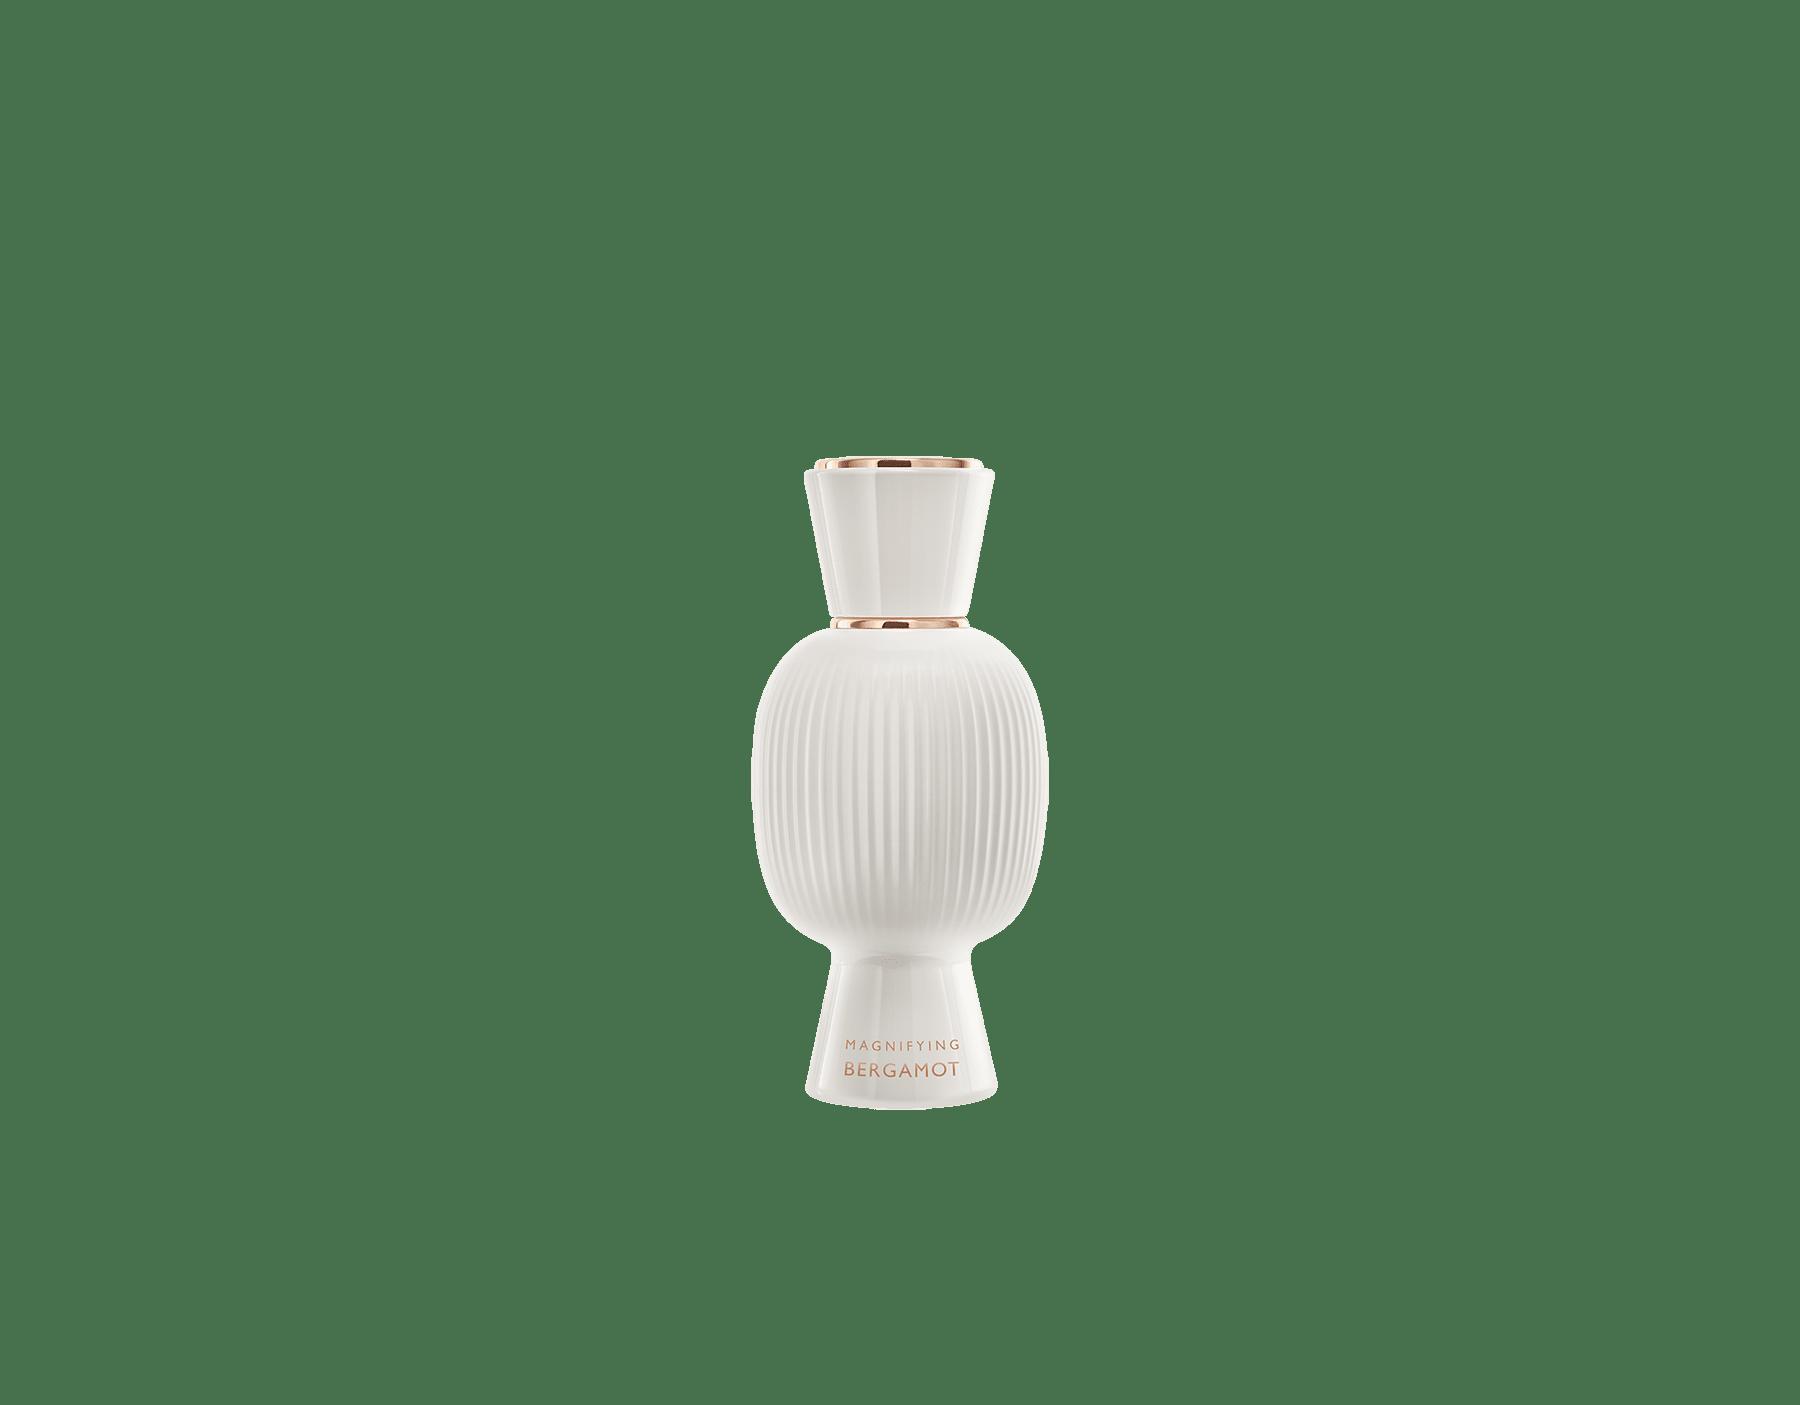 Una exclusiva combinación de perfumes, tan audaz y única como usted. El Eau de Parfum cítrico espumoso Riva Solare de Allegra se combina con el alegre frescor de la Magnifying Bergamot Essence, creando un irresistible perfume femenino personalizado.  Perfume-Set-Riva-Solare-Eau-de-Parfum-and-Bergamot-Magnifying image 3